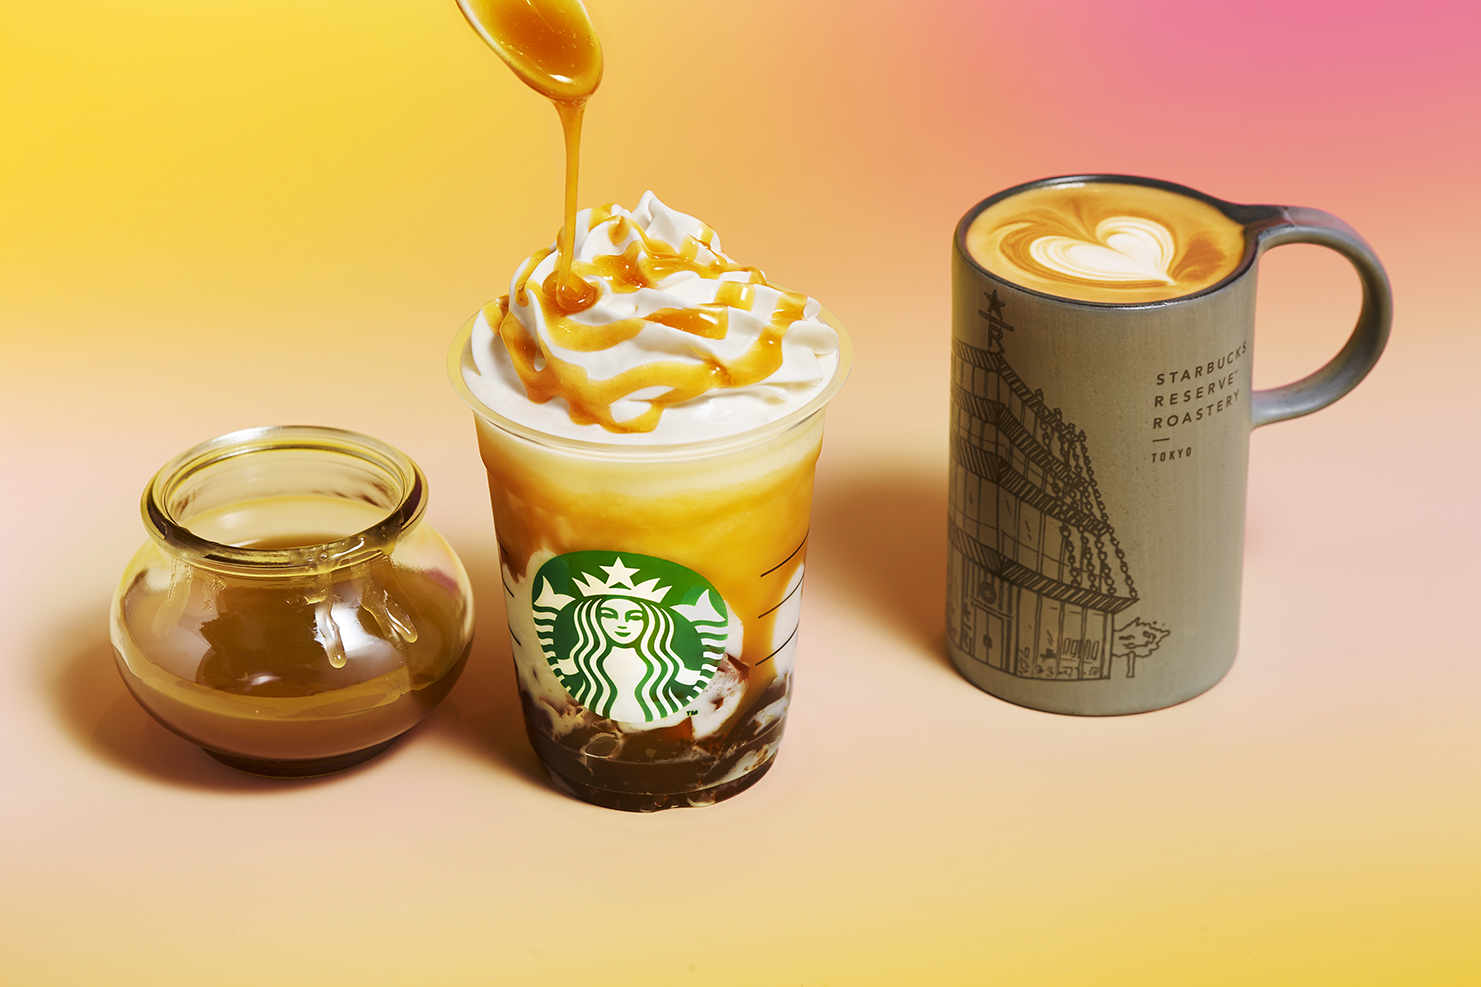 スターバックスバタースコッチ ラテ_ Starbucks Butterscotch Latte 星巴克奶油糖拿铁